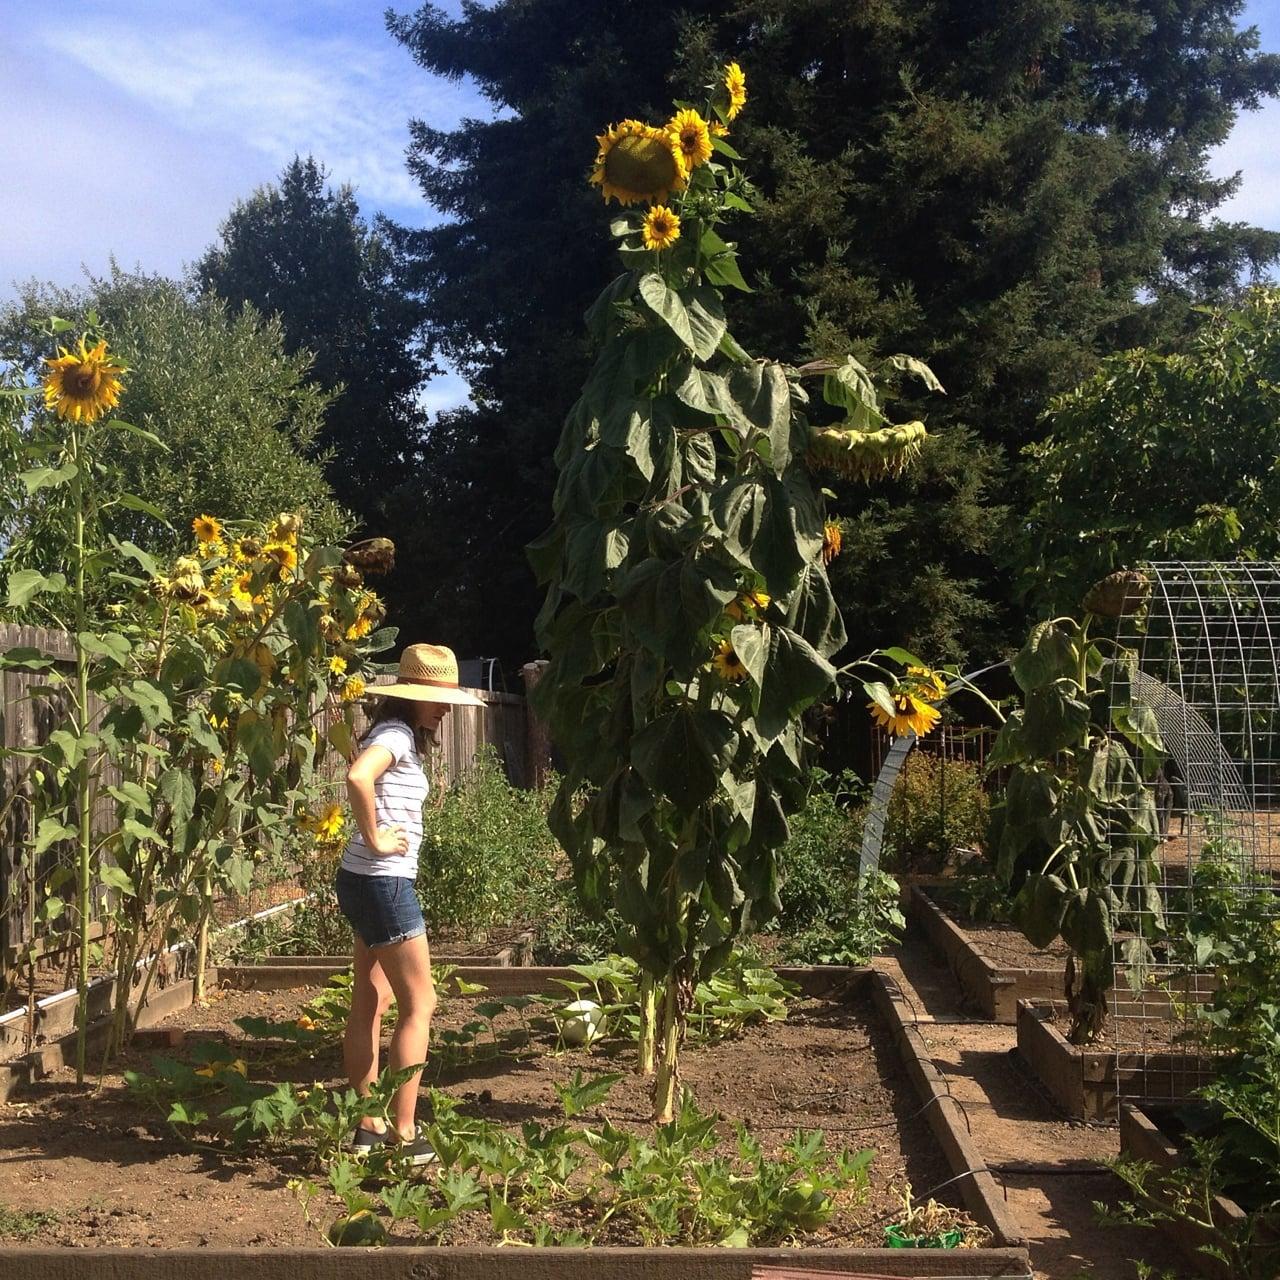 An 11' tall sunflower